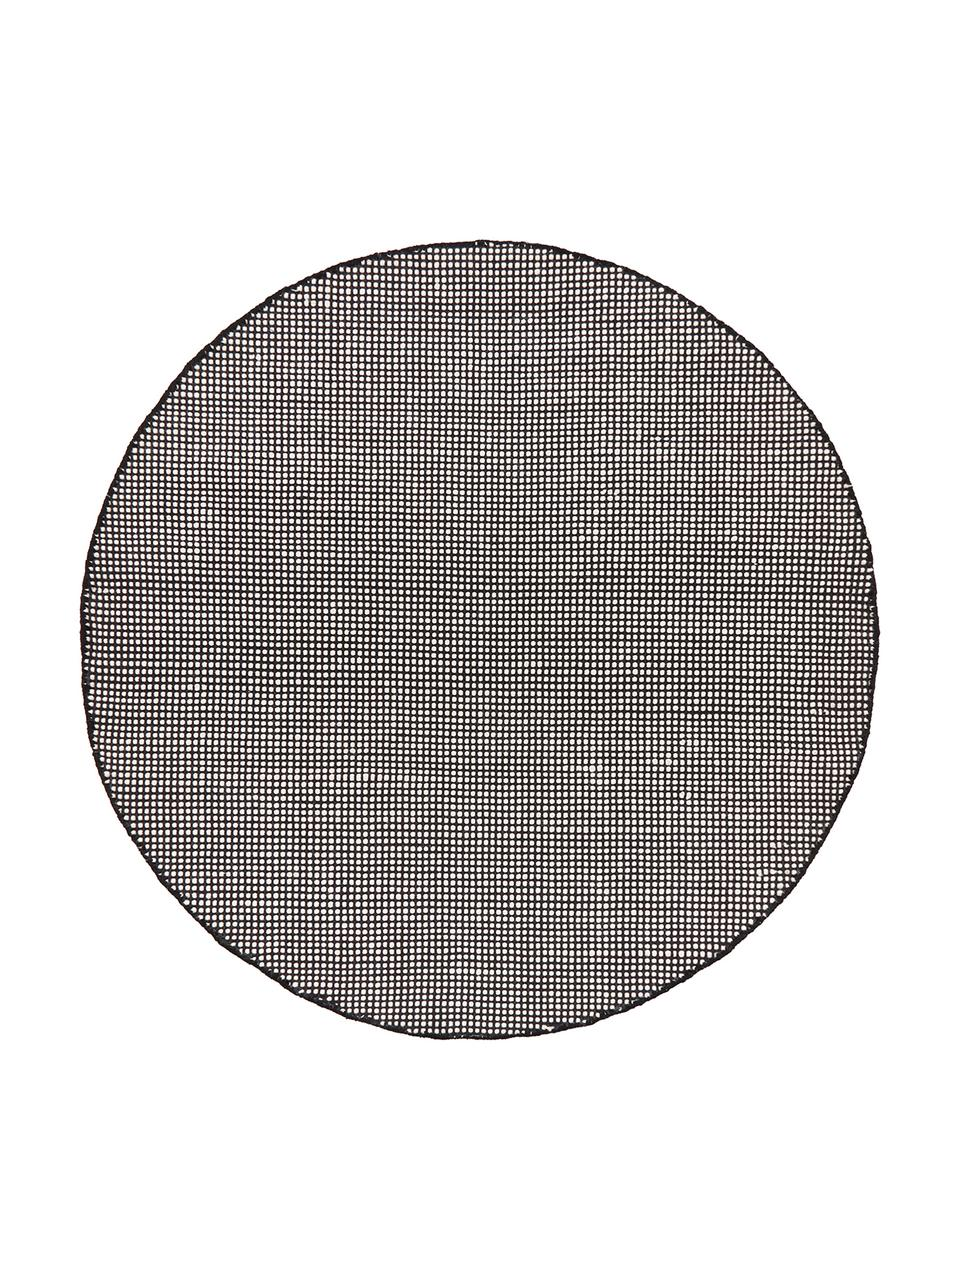 Runder Wollteppich Amaro in Schwarz/Creme, handgewebt, 38% Wolle, 22% Polyester, 20% Baumwolle, 20% Polyamid, Schwarz, Cremeweiß, Ø 140 cm (Größe M)